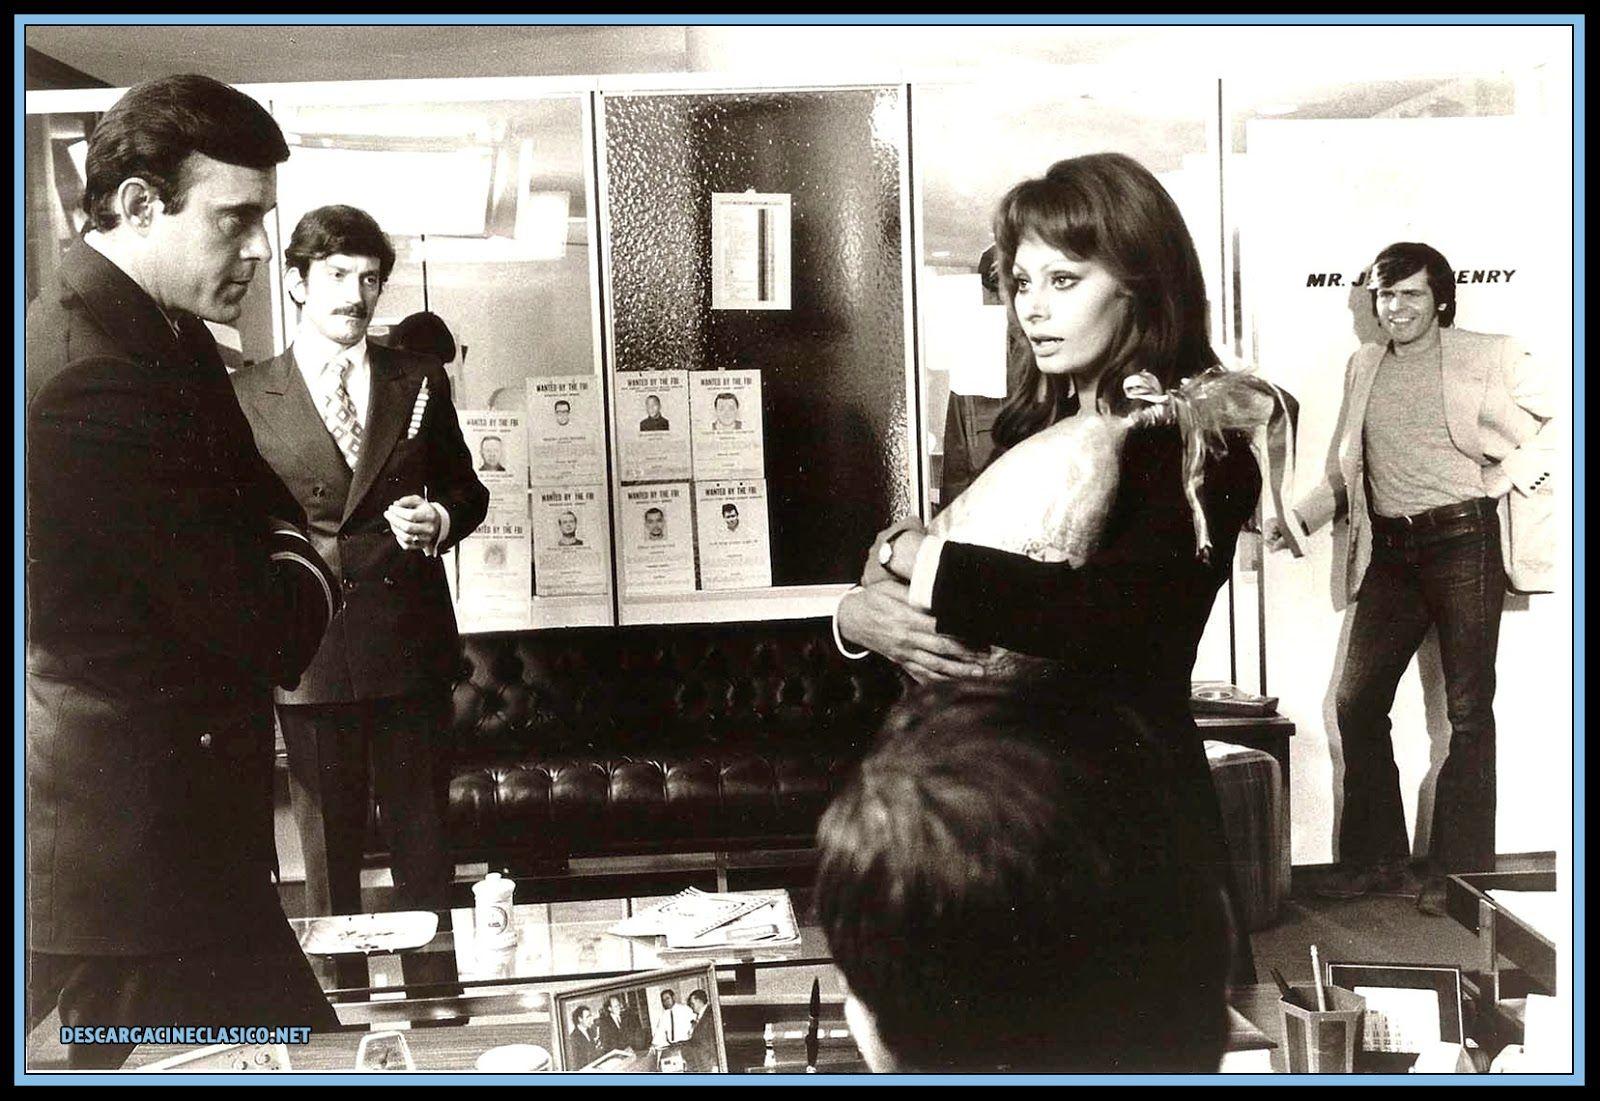 Sophia Loren Y William Devane En La Mortadela 1971 Sophia Loren Sophia Loren Lynda Carter Actresses